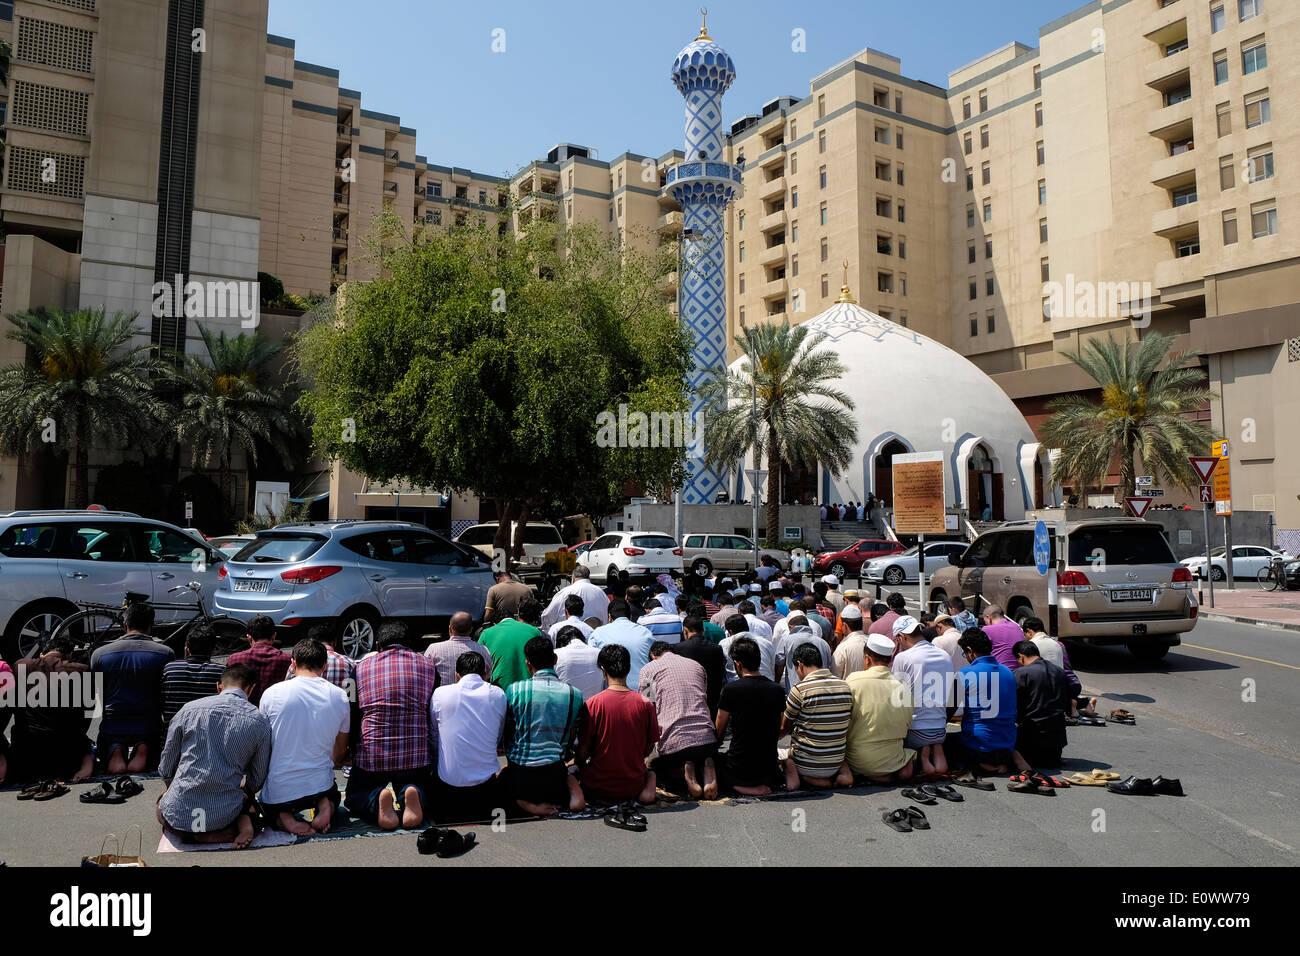 Muchos hombres rezando en la mezquita de viernes fuera del centro comercial Burjuman en Dubai, Emiratos Árabes Unidos Imagen De Stock